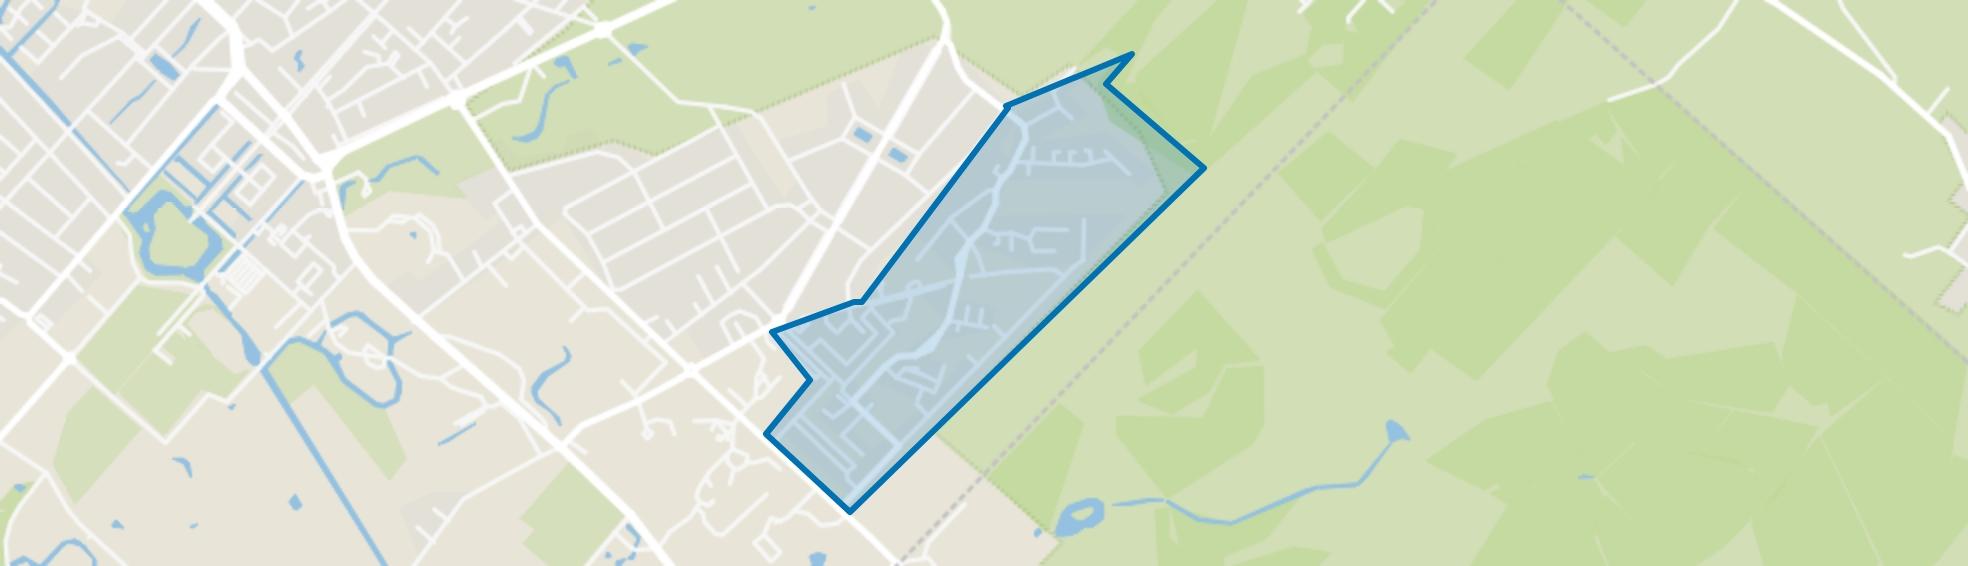 Kerckebosch, Zeist map